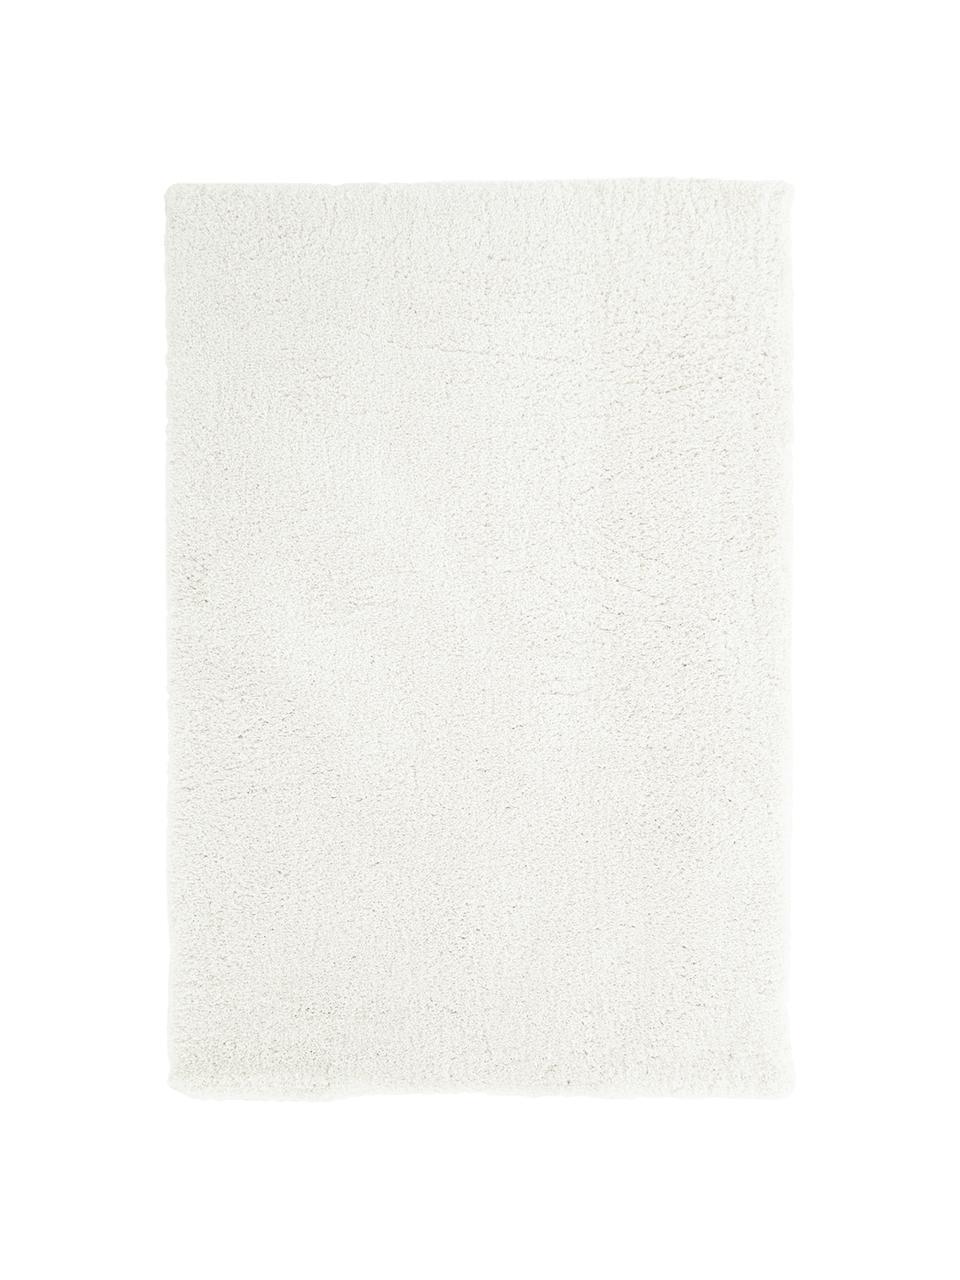 Flauschiger Hochflor-Teppich Leighton in Creme, Flor: 100% Polyester (Mikrofase, Creme, B 80 x L 150 cm (Größe XS)